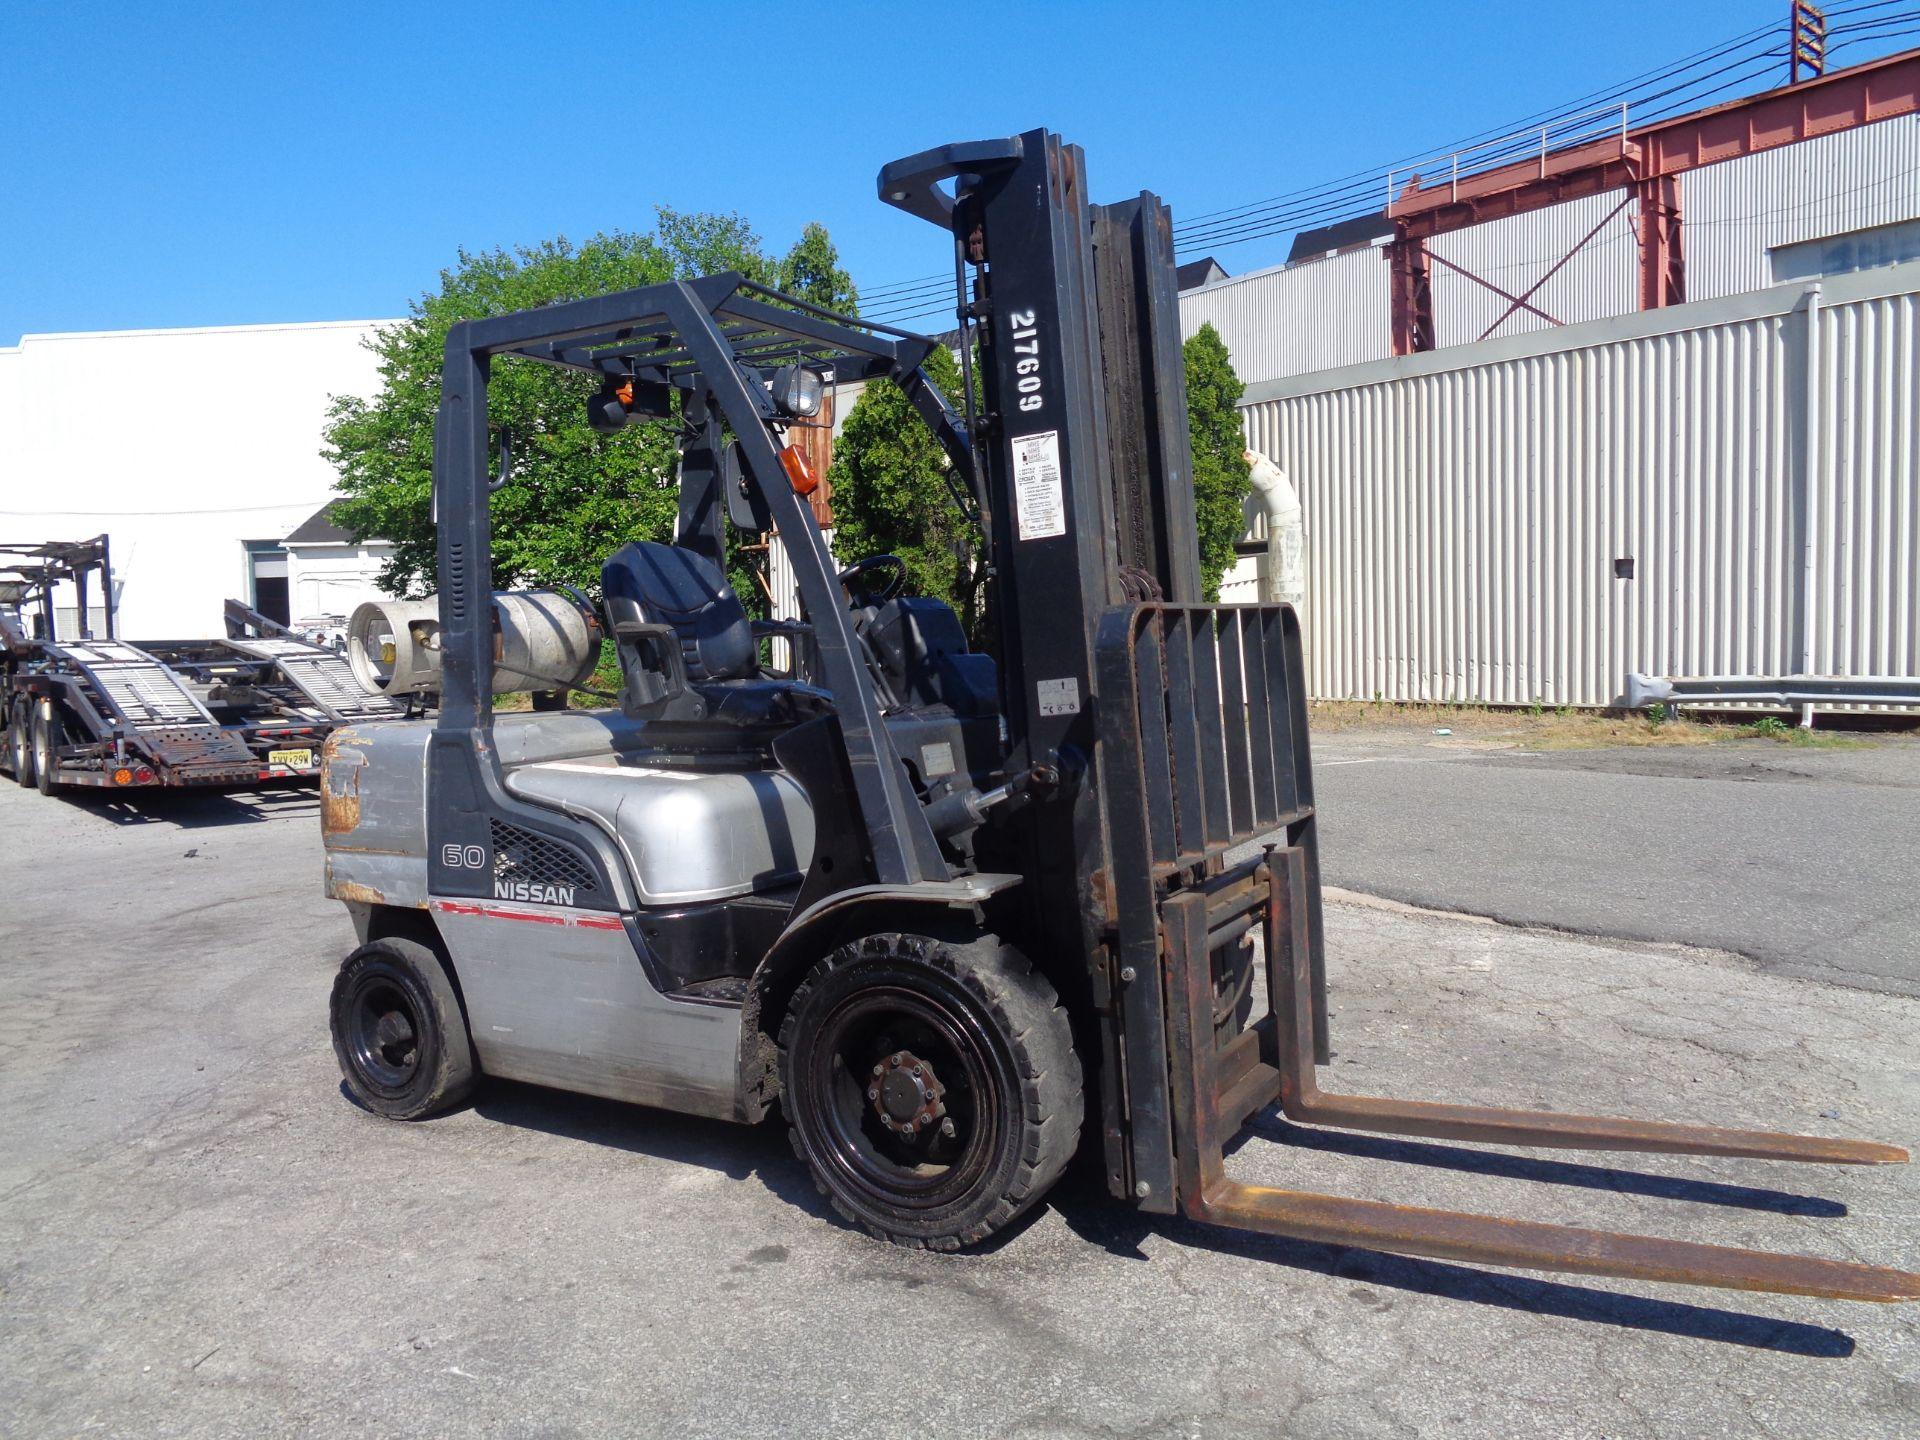 Nissan MUG1F2A30LV 6,000 lbs Forklift - Image 2 of 9